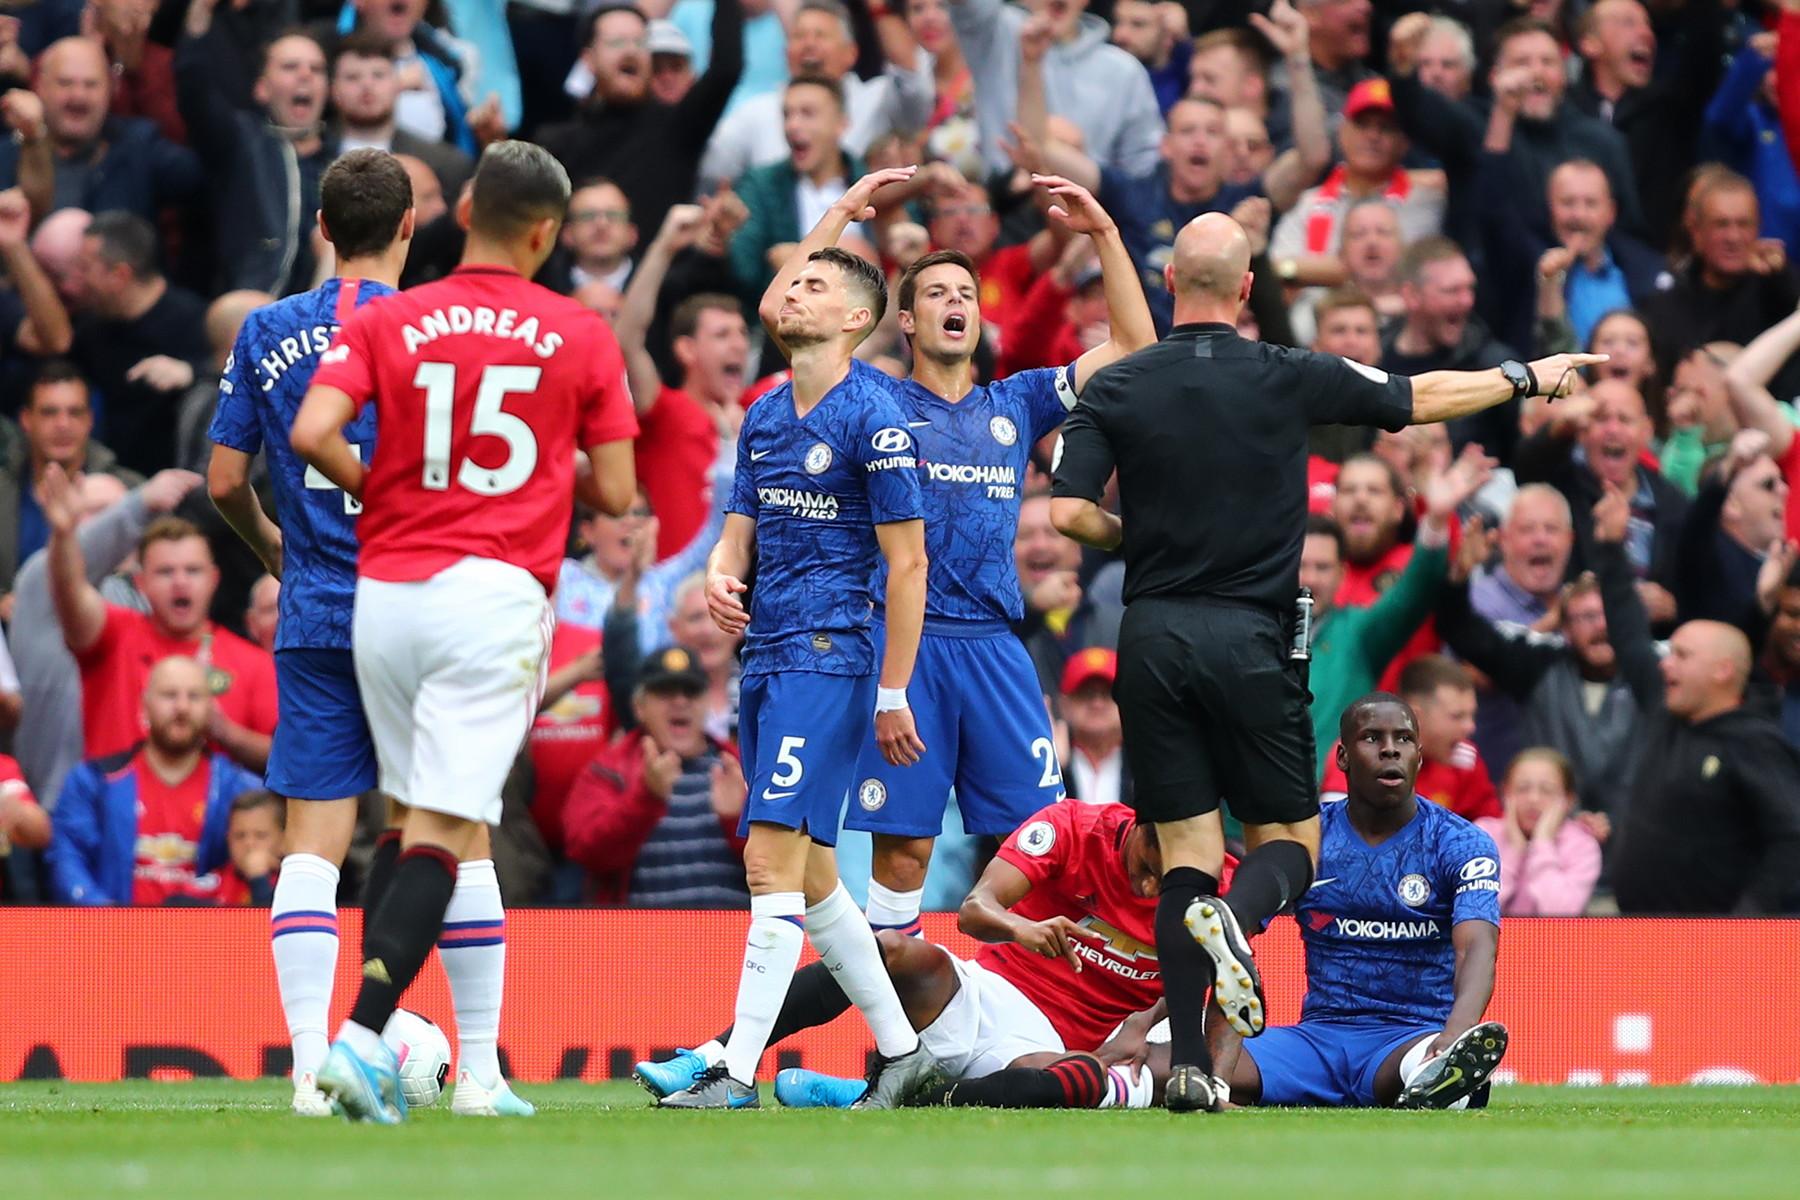 Doppietta di Rashford, gol di Martial e James: che scoppola per Lampard